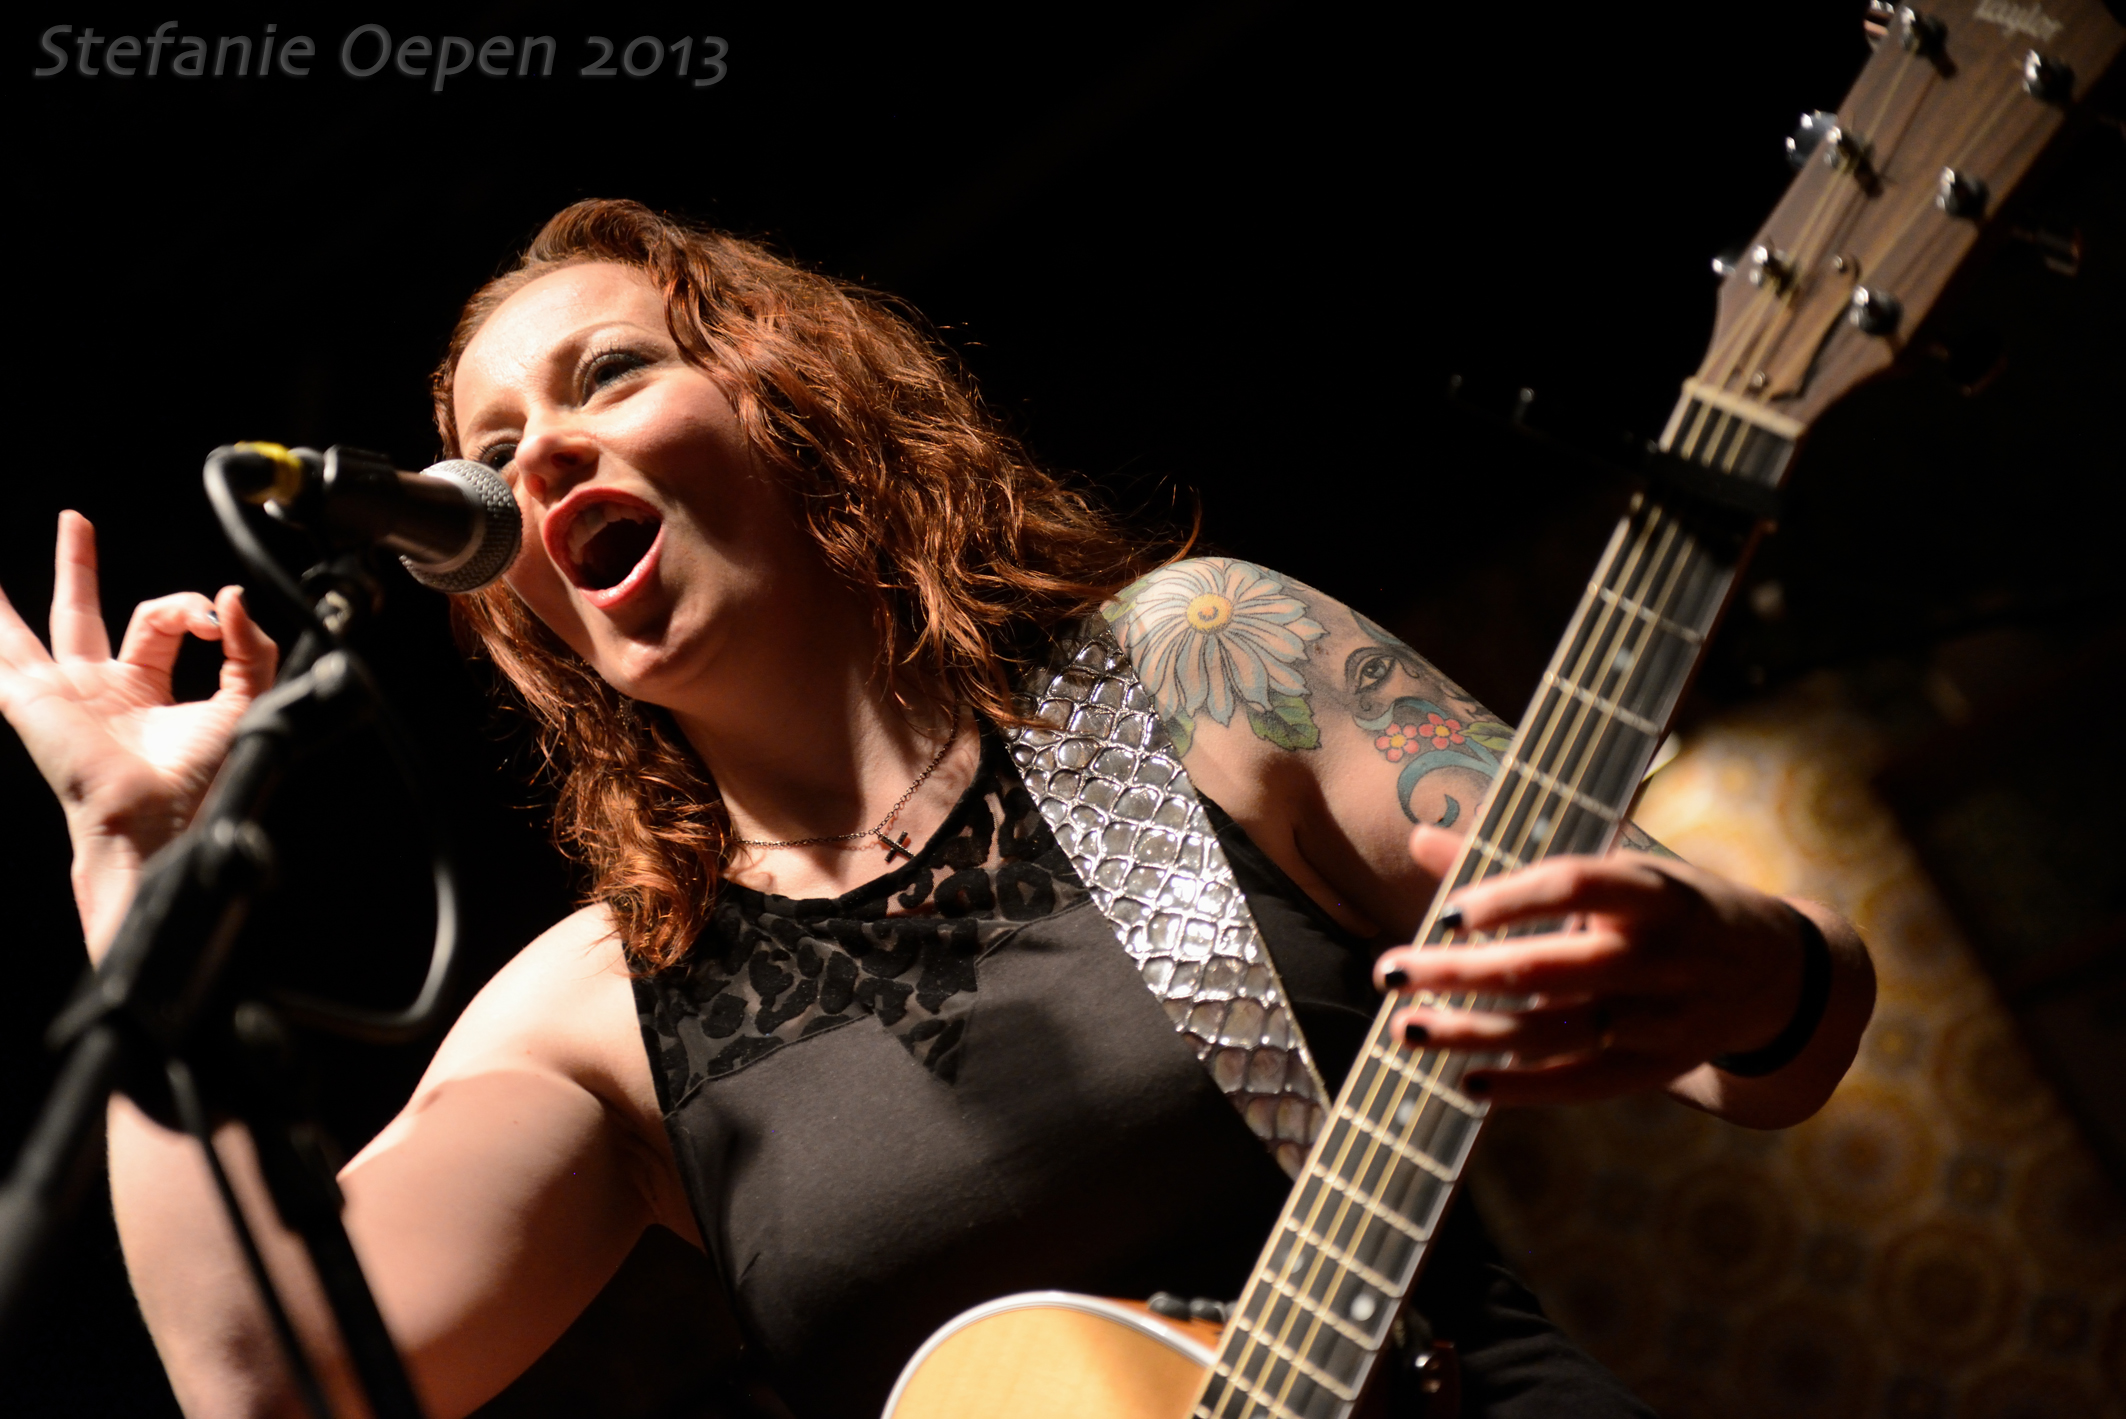 Anneke van Giersbergen; Essen 2013